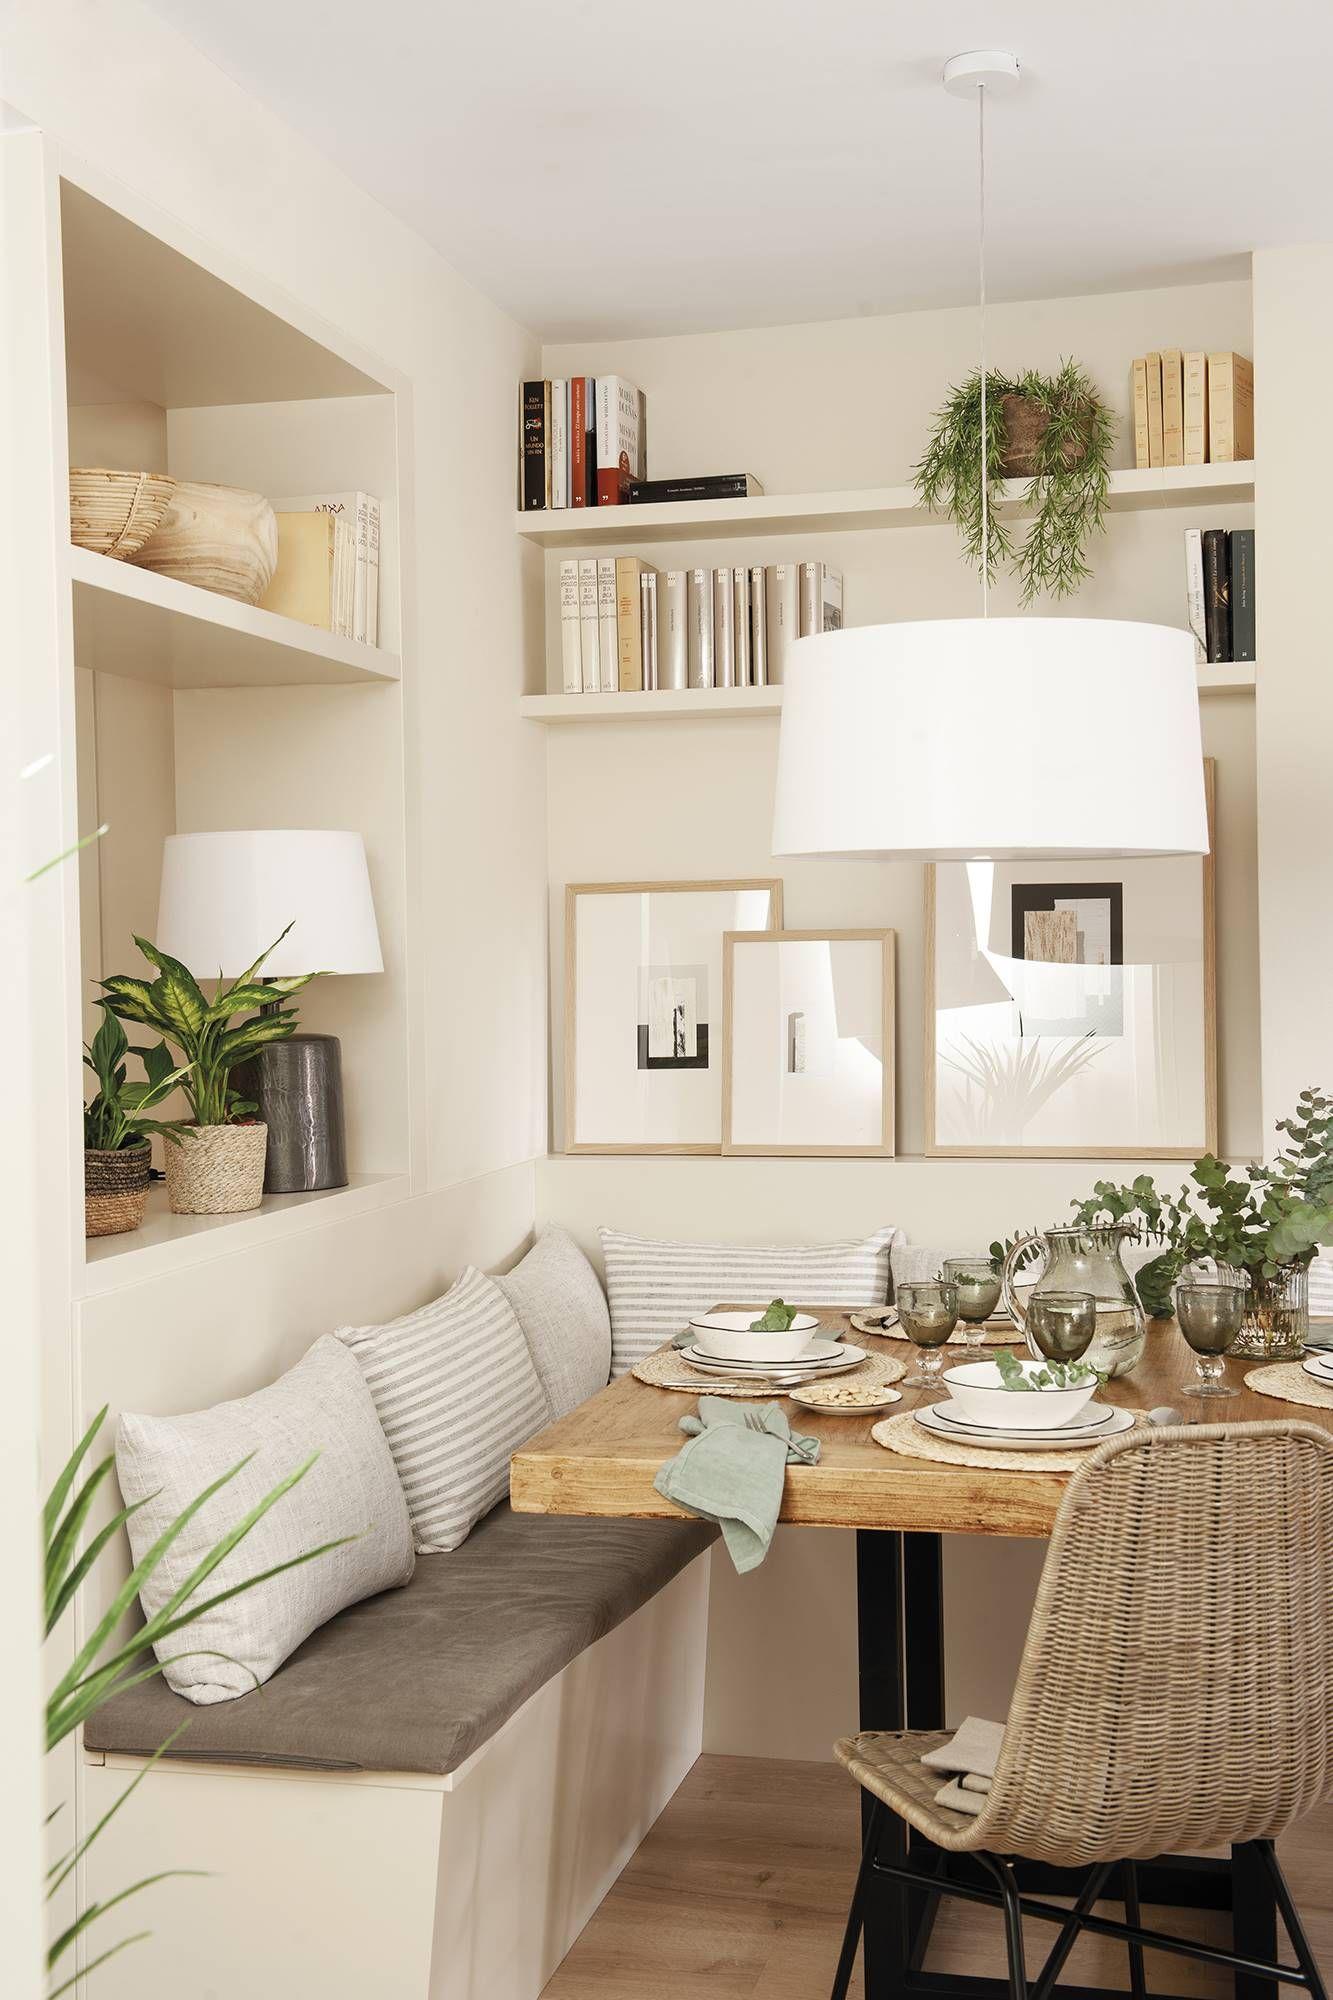 Cet appartement sans espaces inutiles exploite le moindre centimètre carré